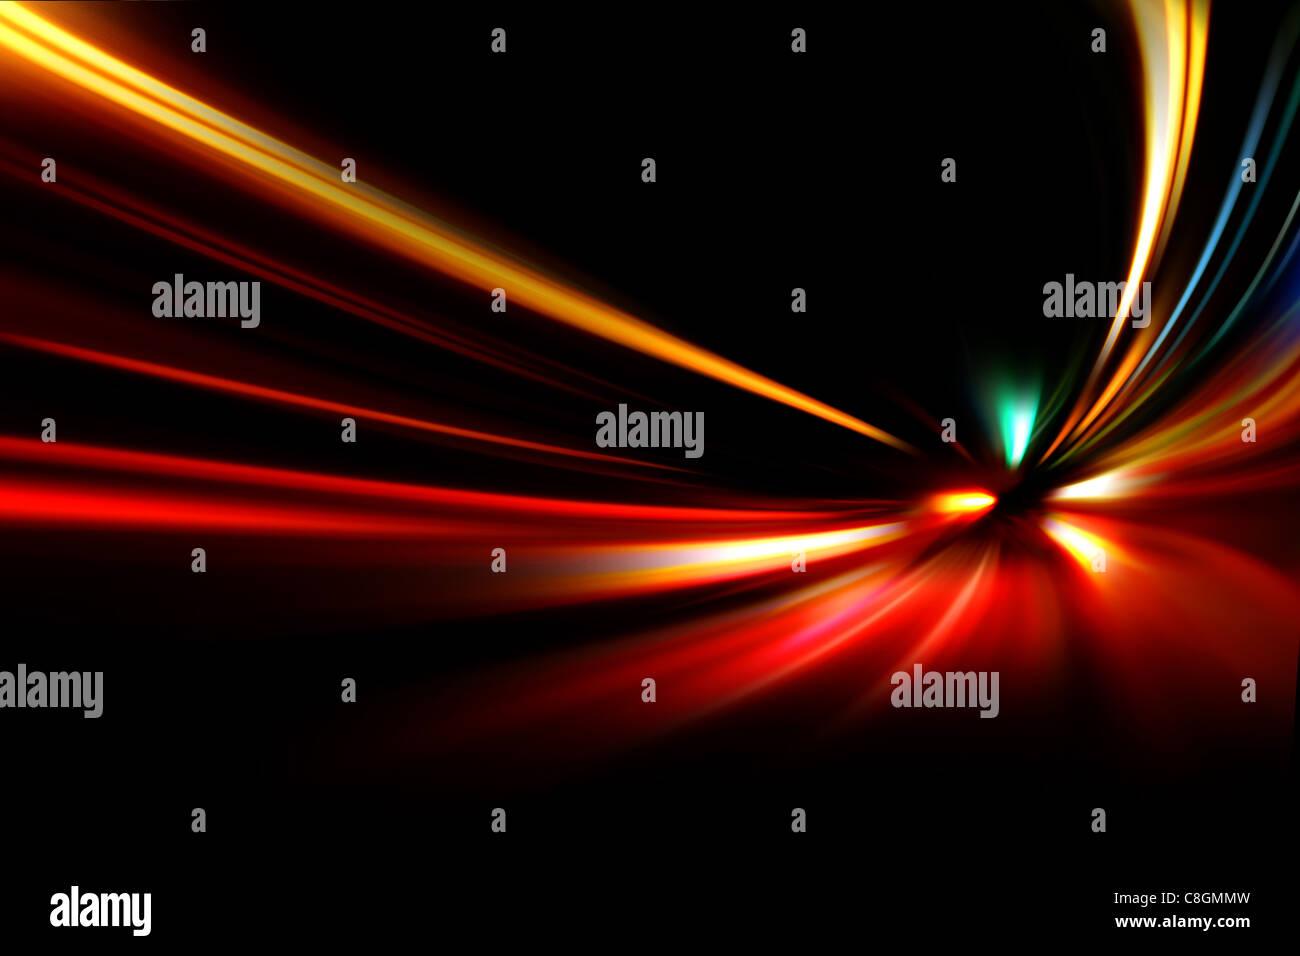 Nacht-Geschwindigkeit-Bewegung Stockbild